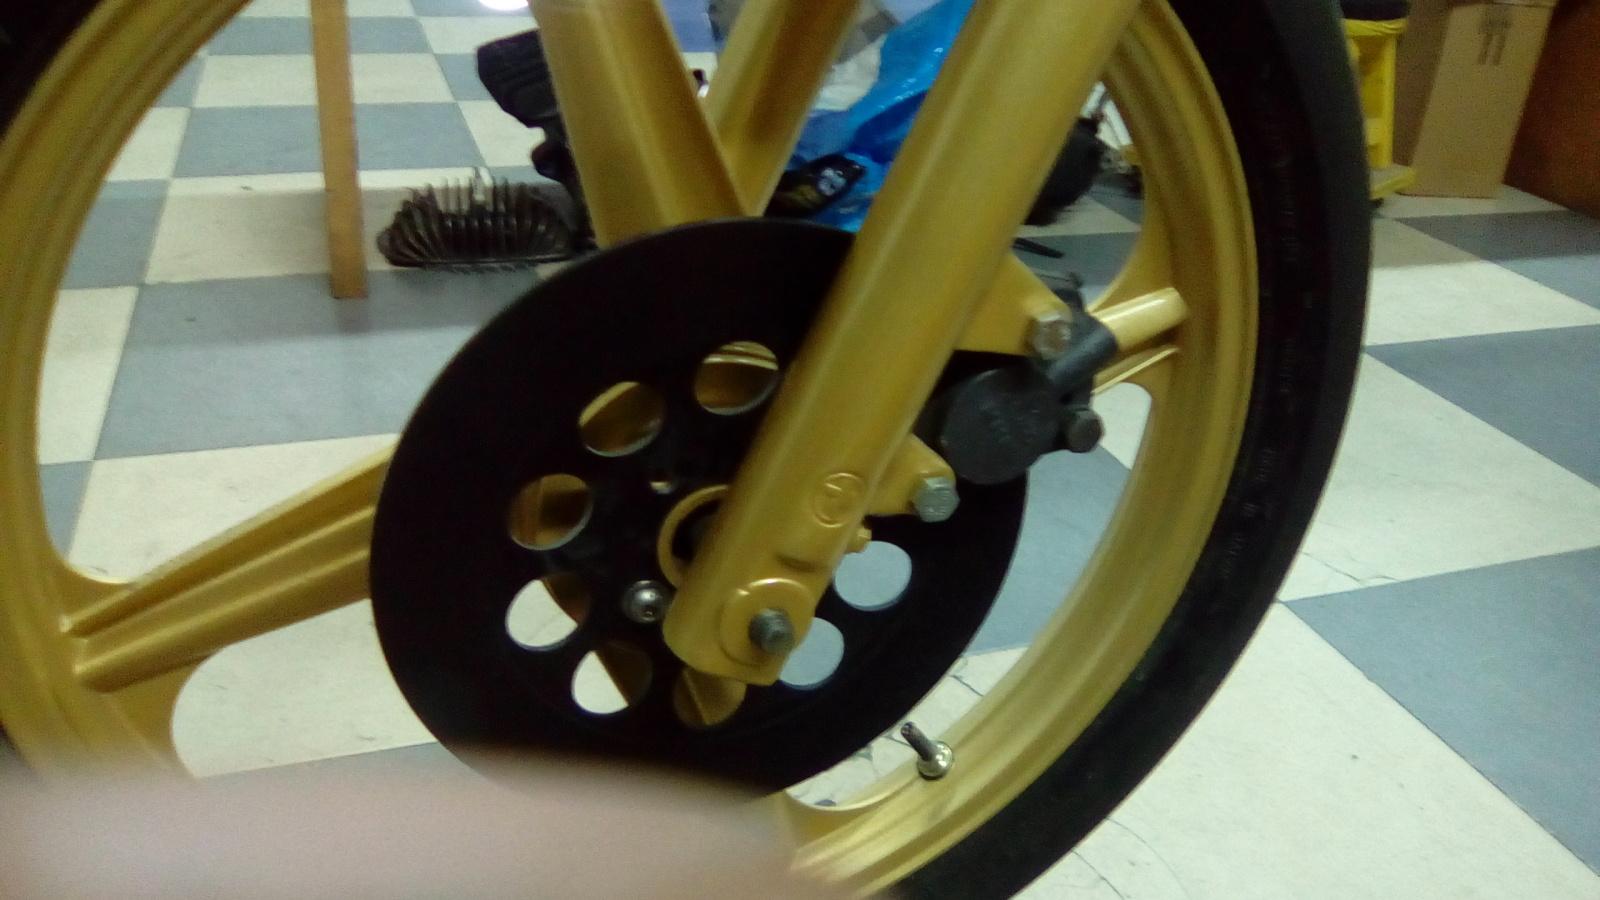 Proyecto Vespino de 65 cc. de Velocidad. - Página 4 2gw8k21